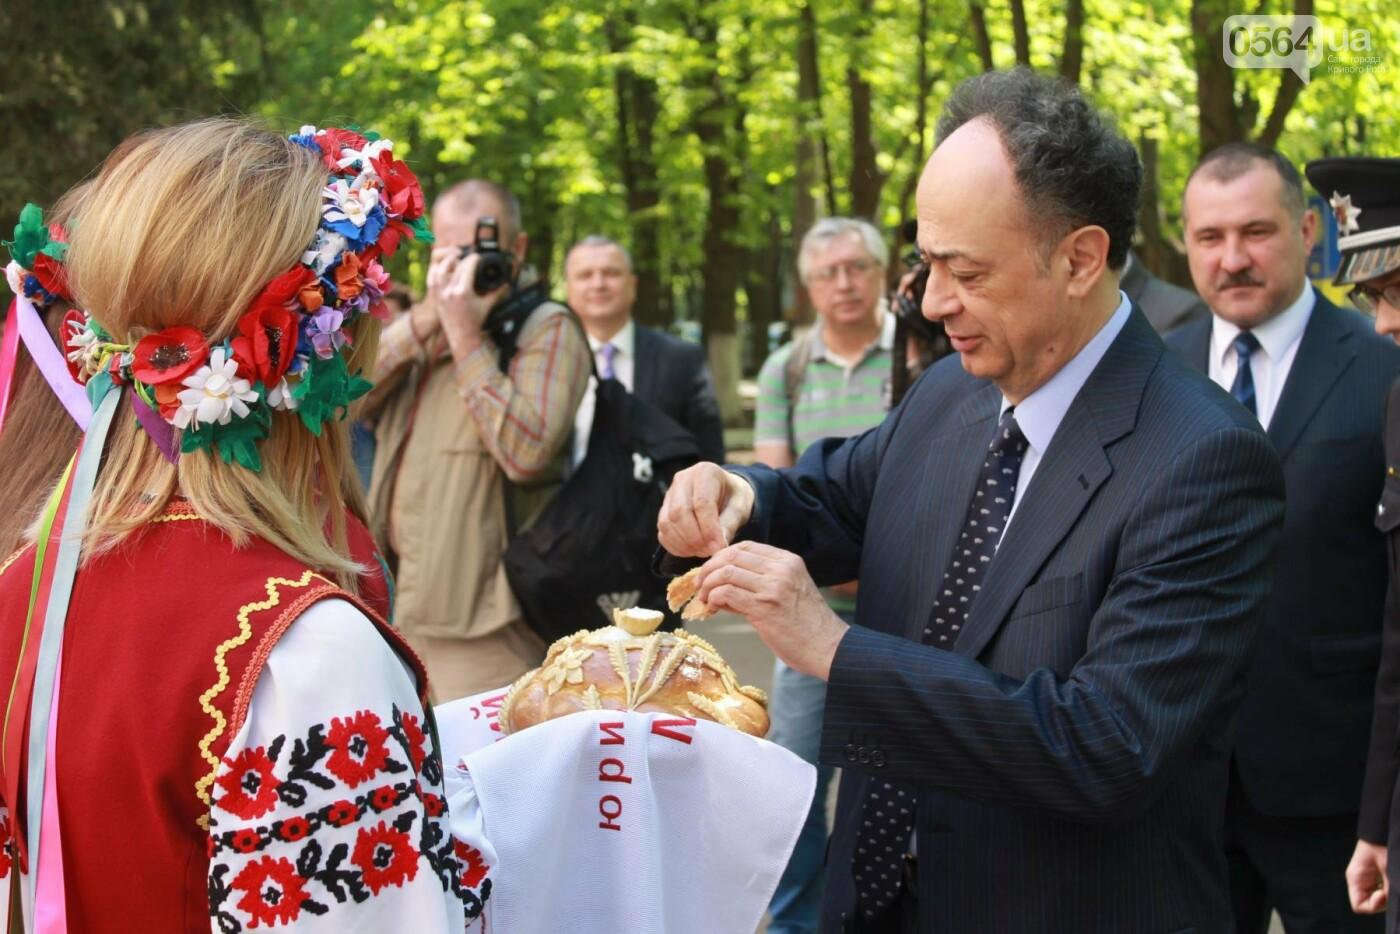 Глава представительства ЕС в Украине Хьюг Мингарелли открыл Информационный центр ЕС в Кривом Роге (ФОТО), фото-2